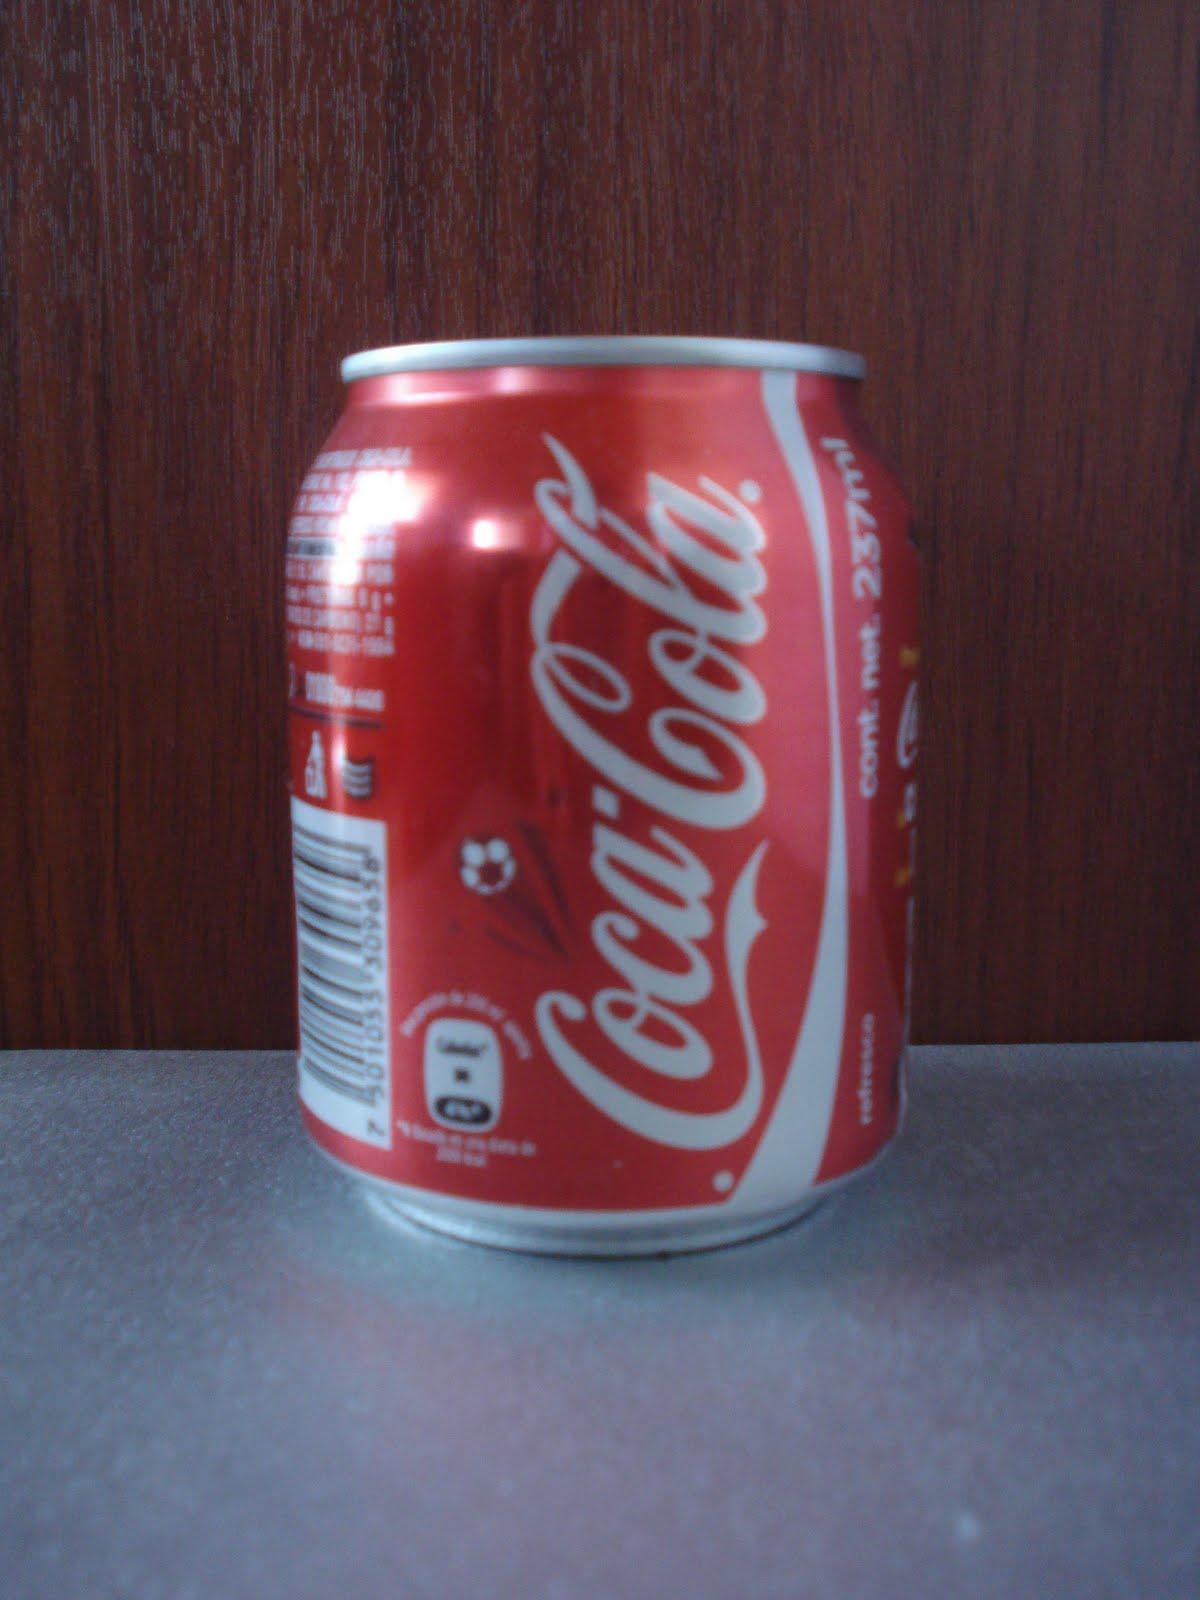 Lata de coca de cracking